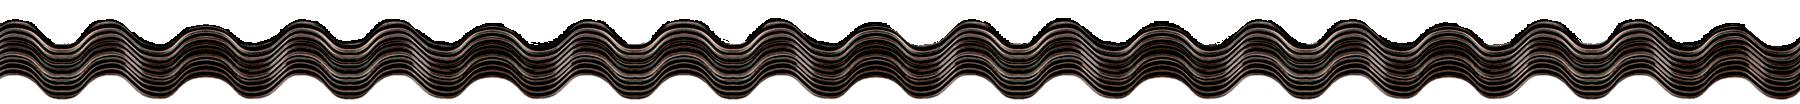 perfil de lamina